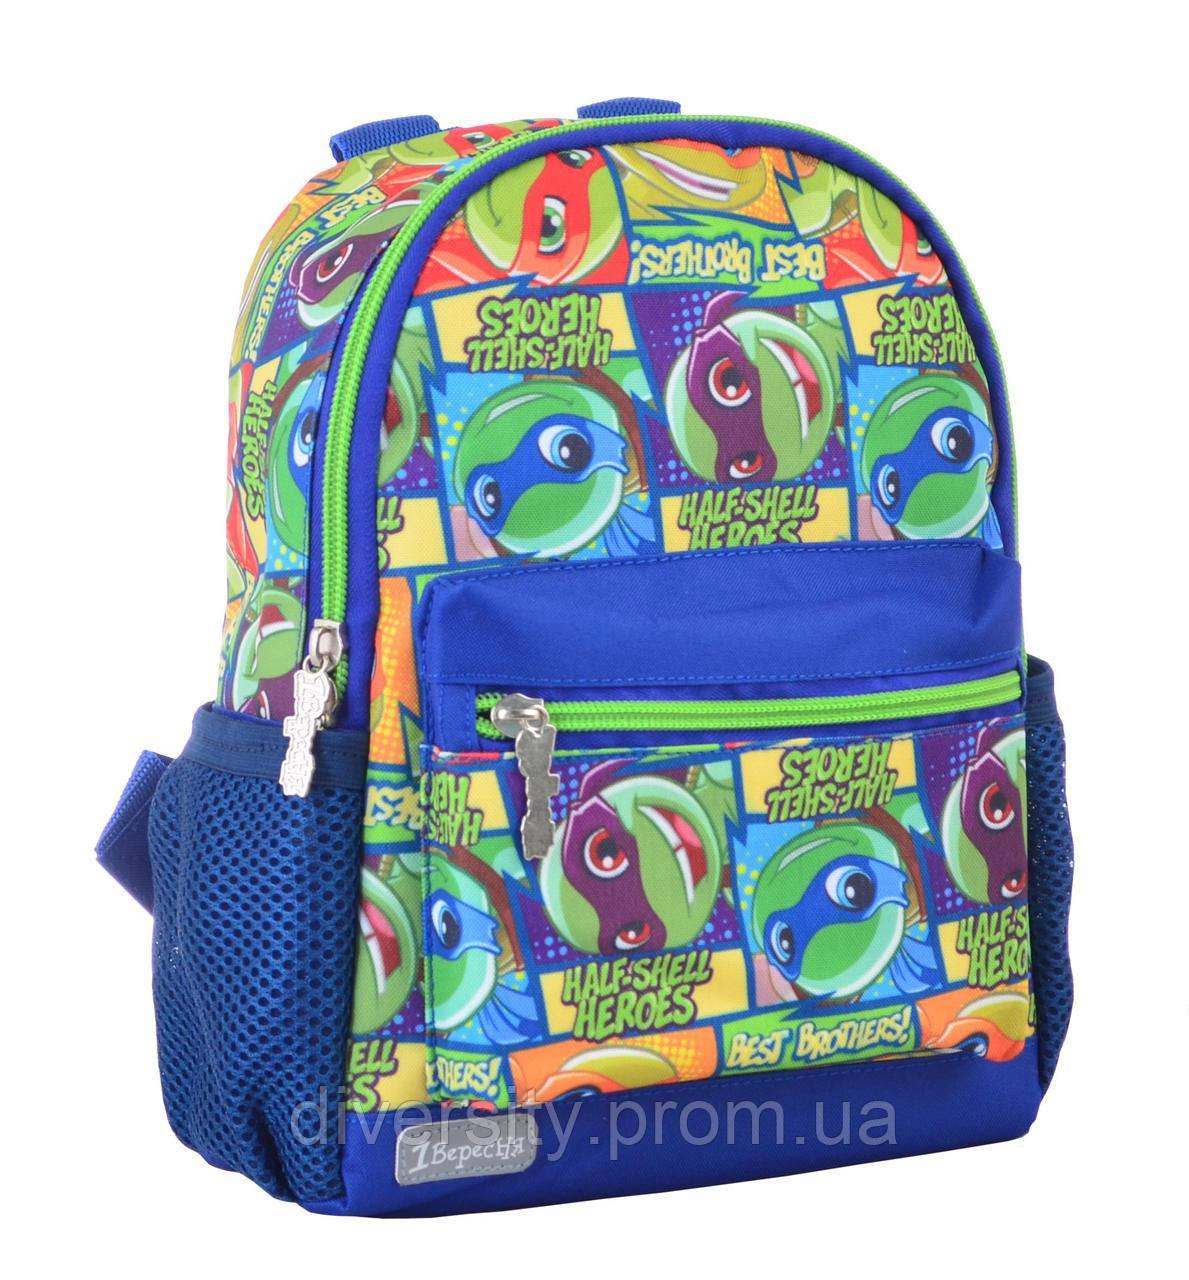 Рюкзак детский K-16 Turtles, 21*16.5*14